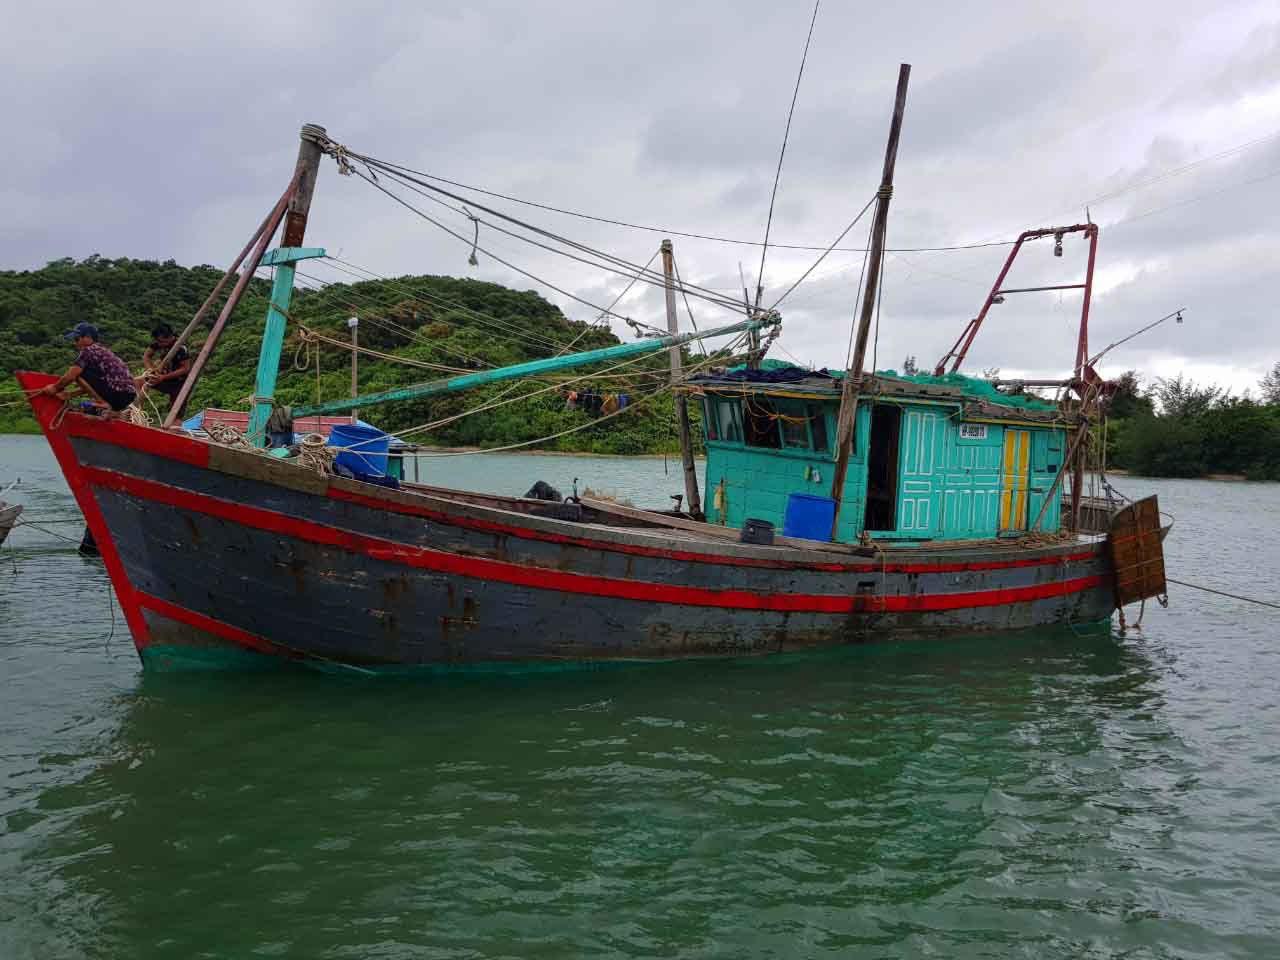 Bão số 2 mở rộng vùng ảnh hưởng tới Thanh Hóa, 4 tỉnh đã cấm biển